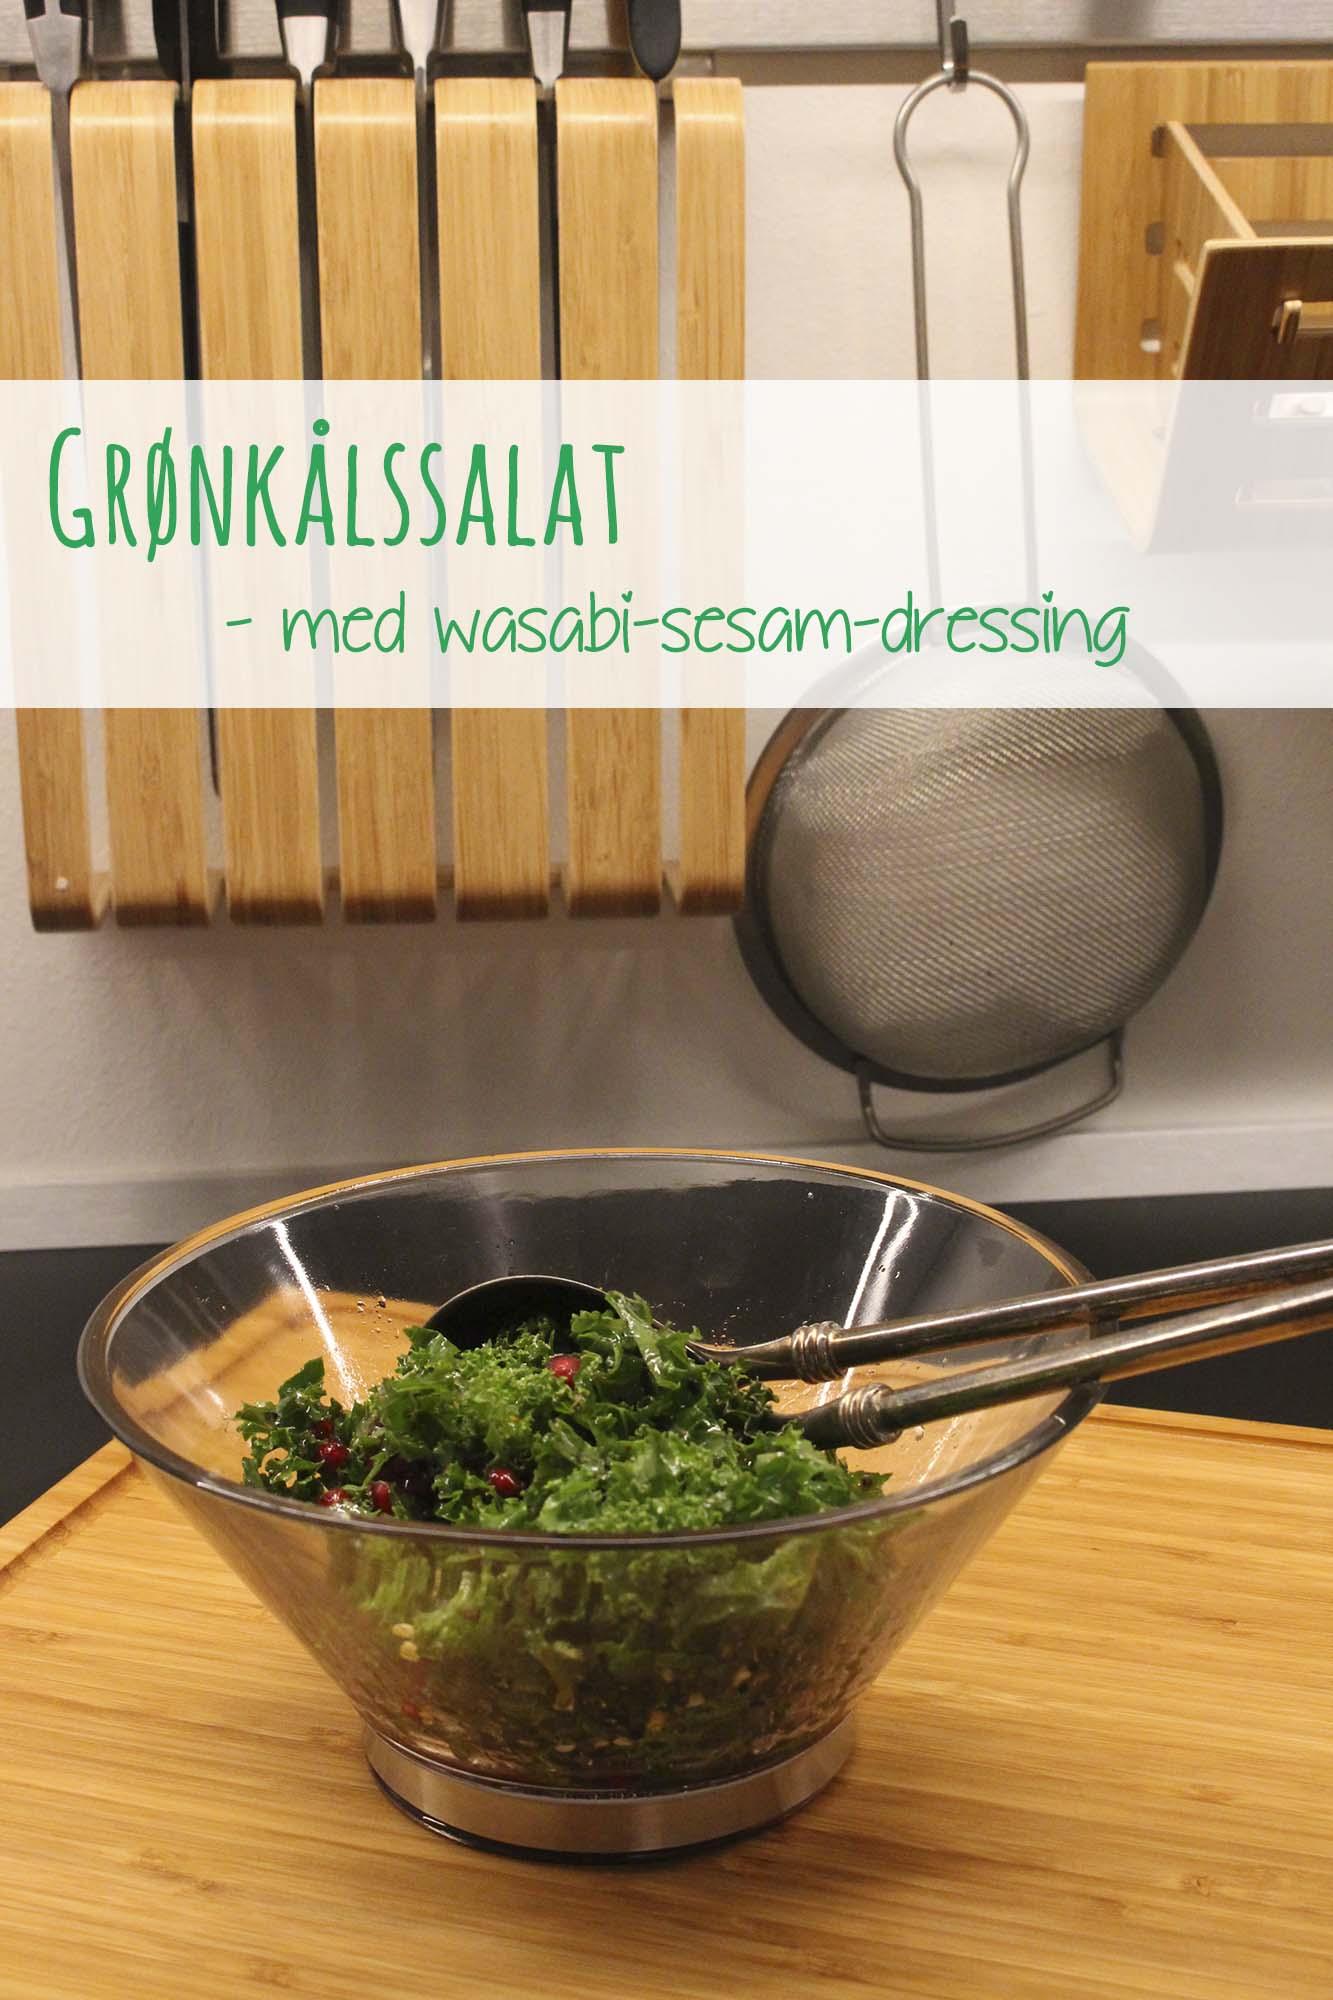 Grønkålssalat med wasabi-sesamdressing